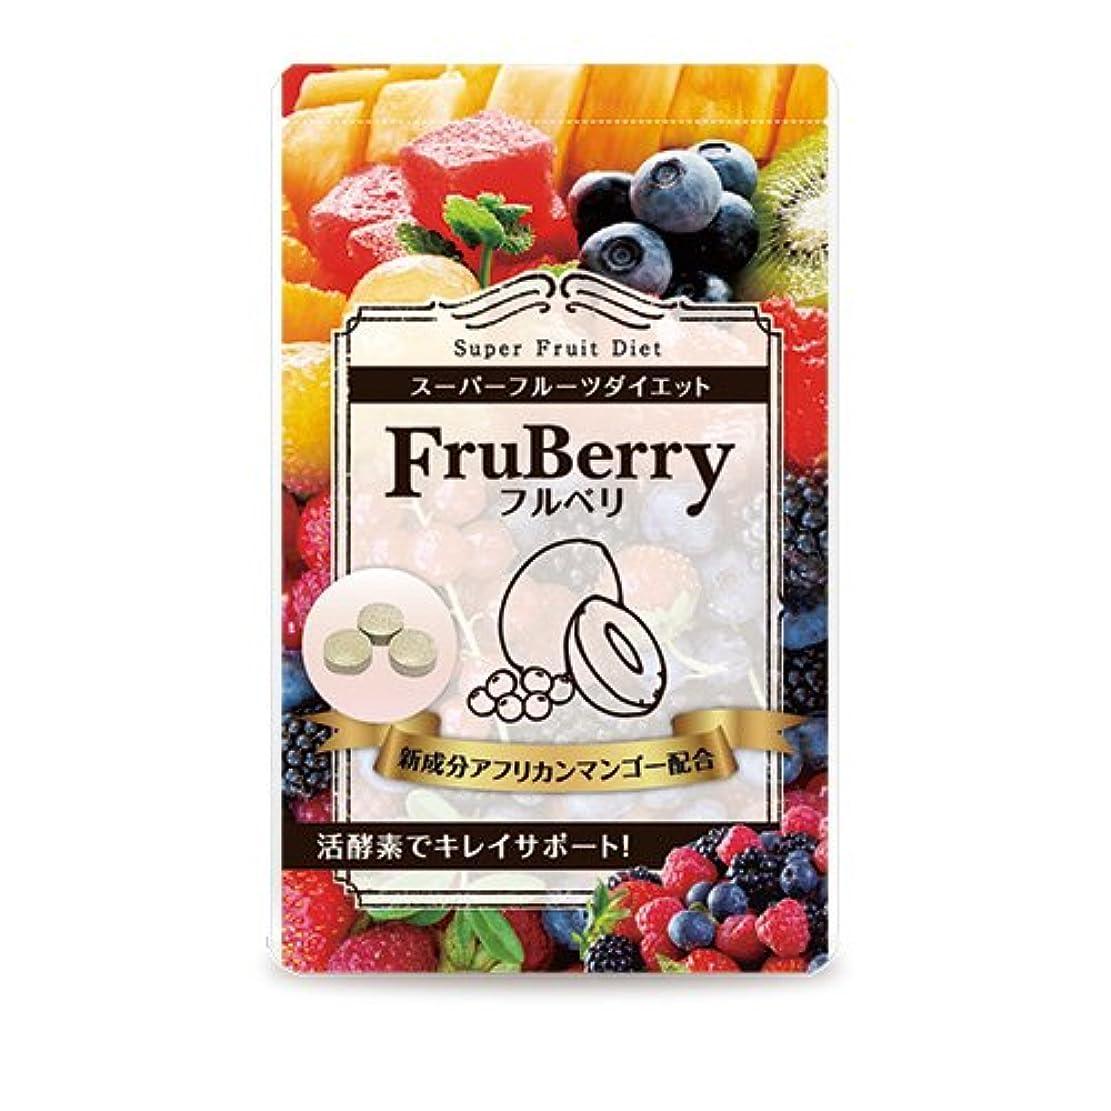 くさびナチュラ全体にフルベリ 5袋セット 約150日分 FruBerry アフリカンマンゴー ベリー類 乳酸菌のサプリ 賞味期限間近のため半額